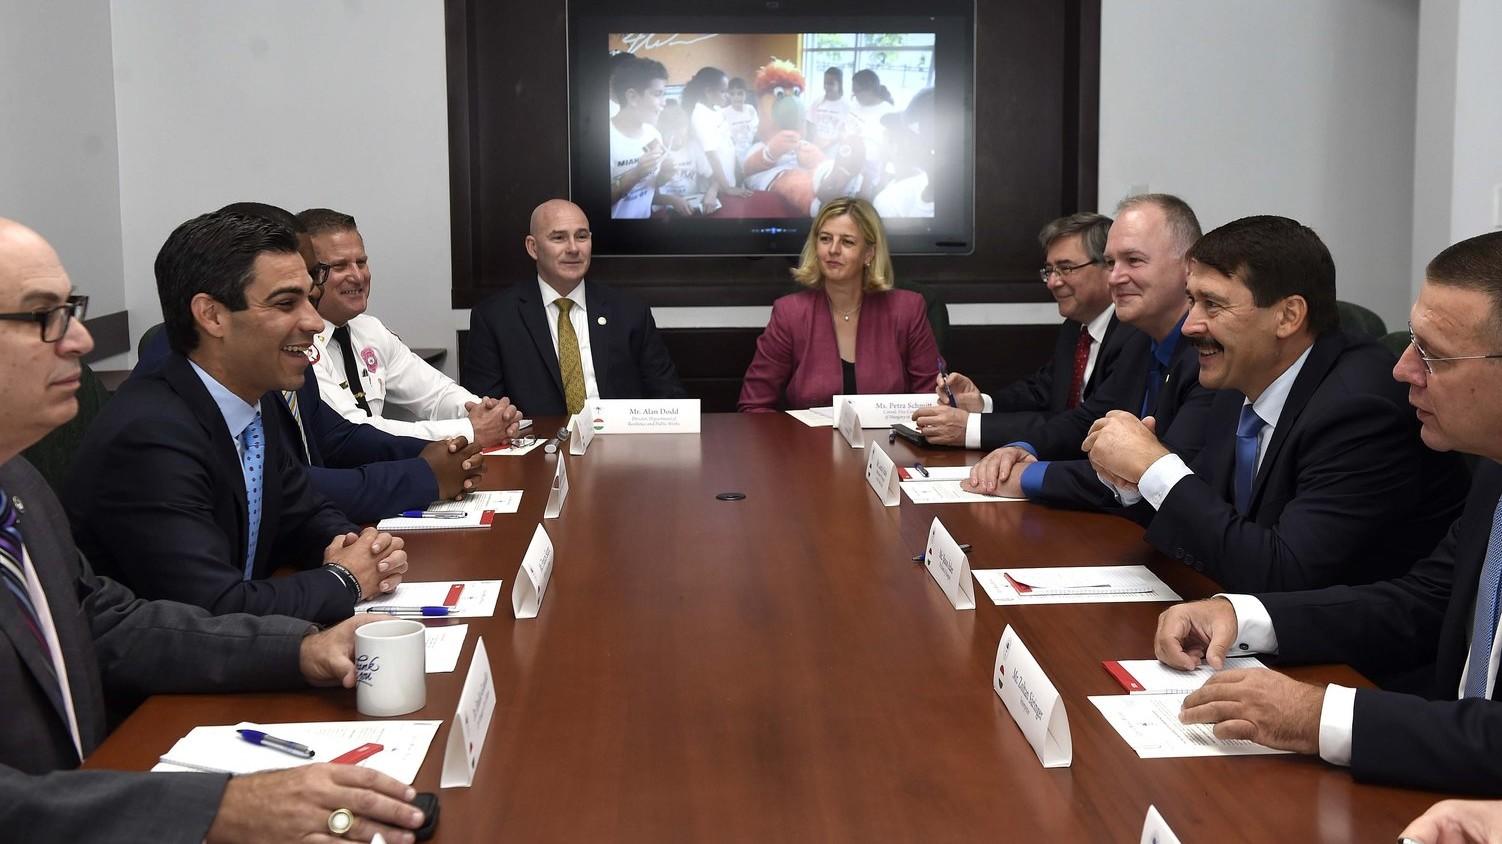 Áder János köztársasági elnök tárgyal Francis X. Suarezzel, Miami polgármesterével Miamiban 2018. október 26-án (Fotó: MTI/Bruzák Noémi)